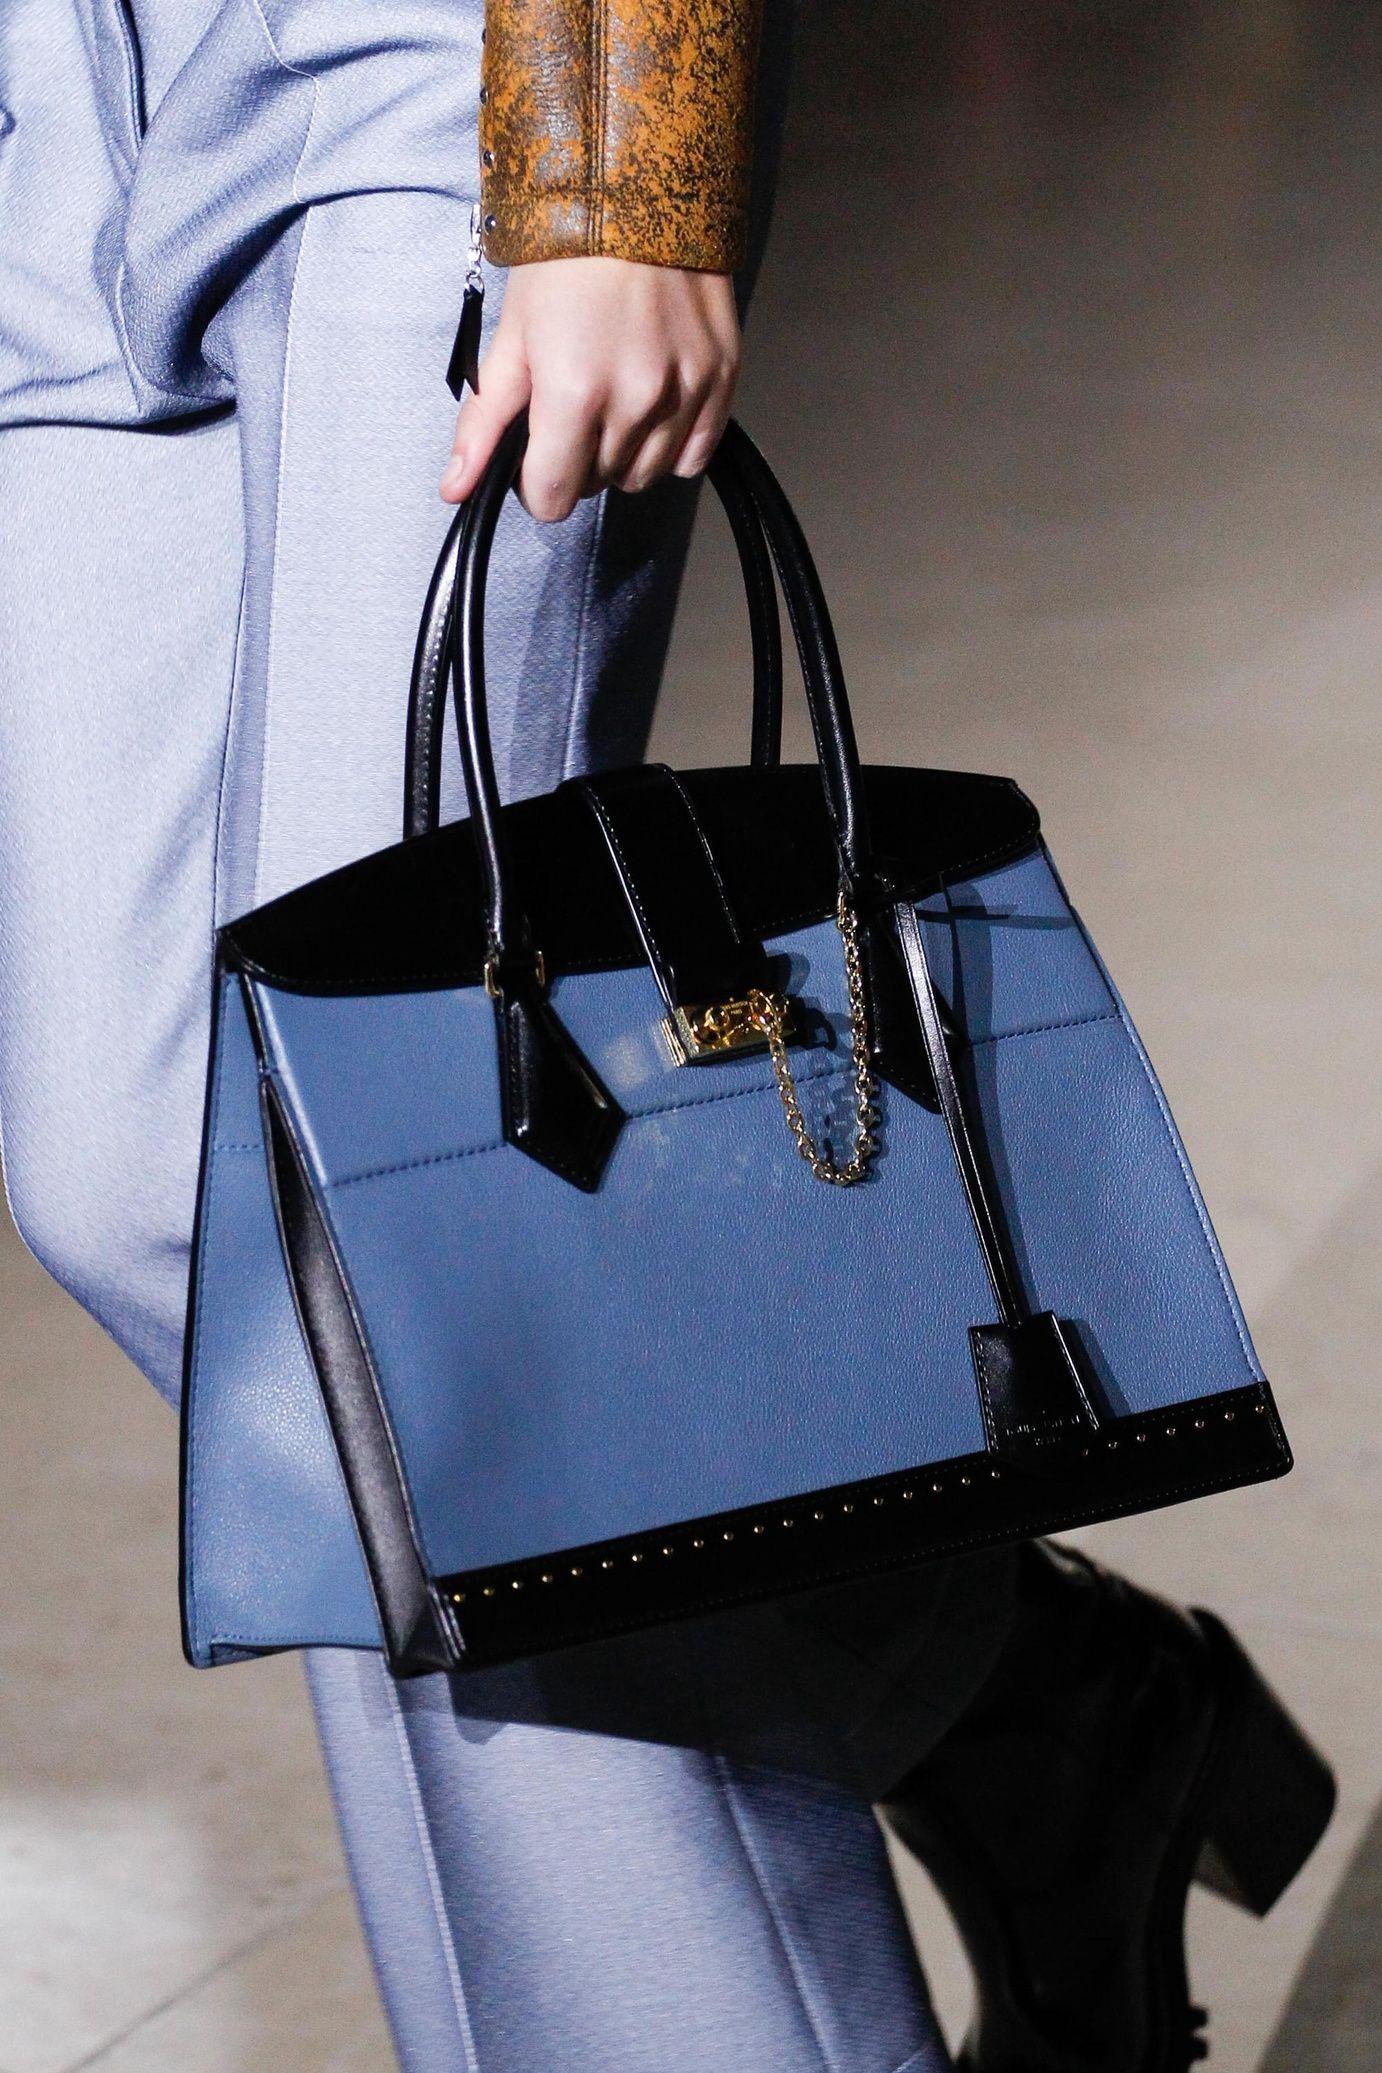 85486cfa6e84 Défilé Louis Vuitton  prêt-à-porter femme automne-hiver 2017-2018 ...